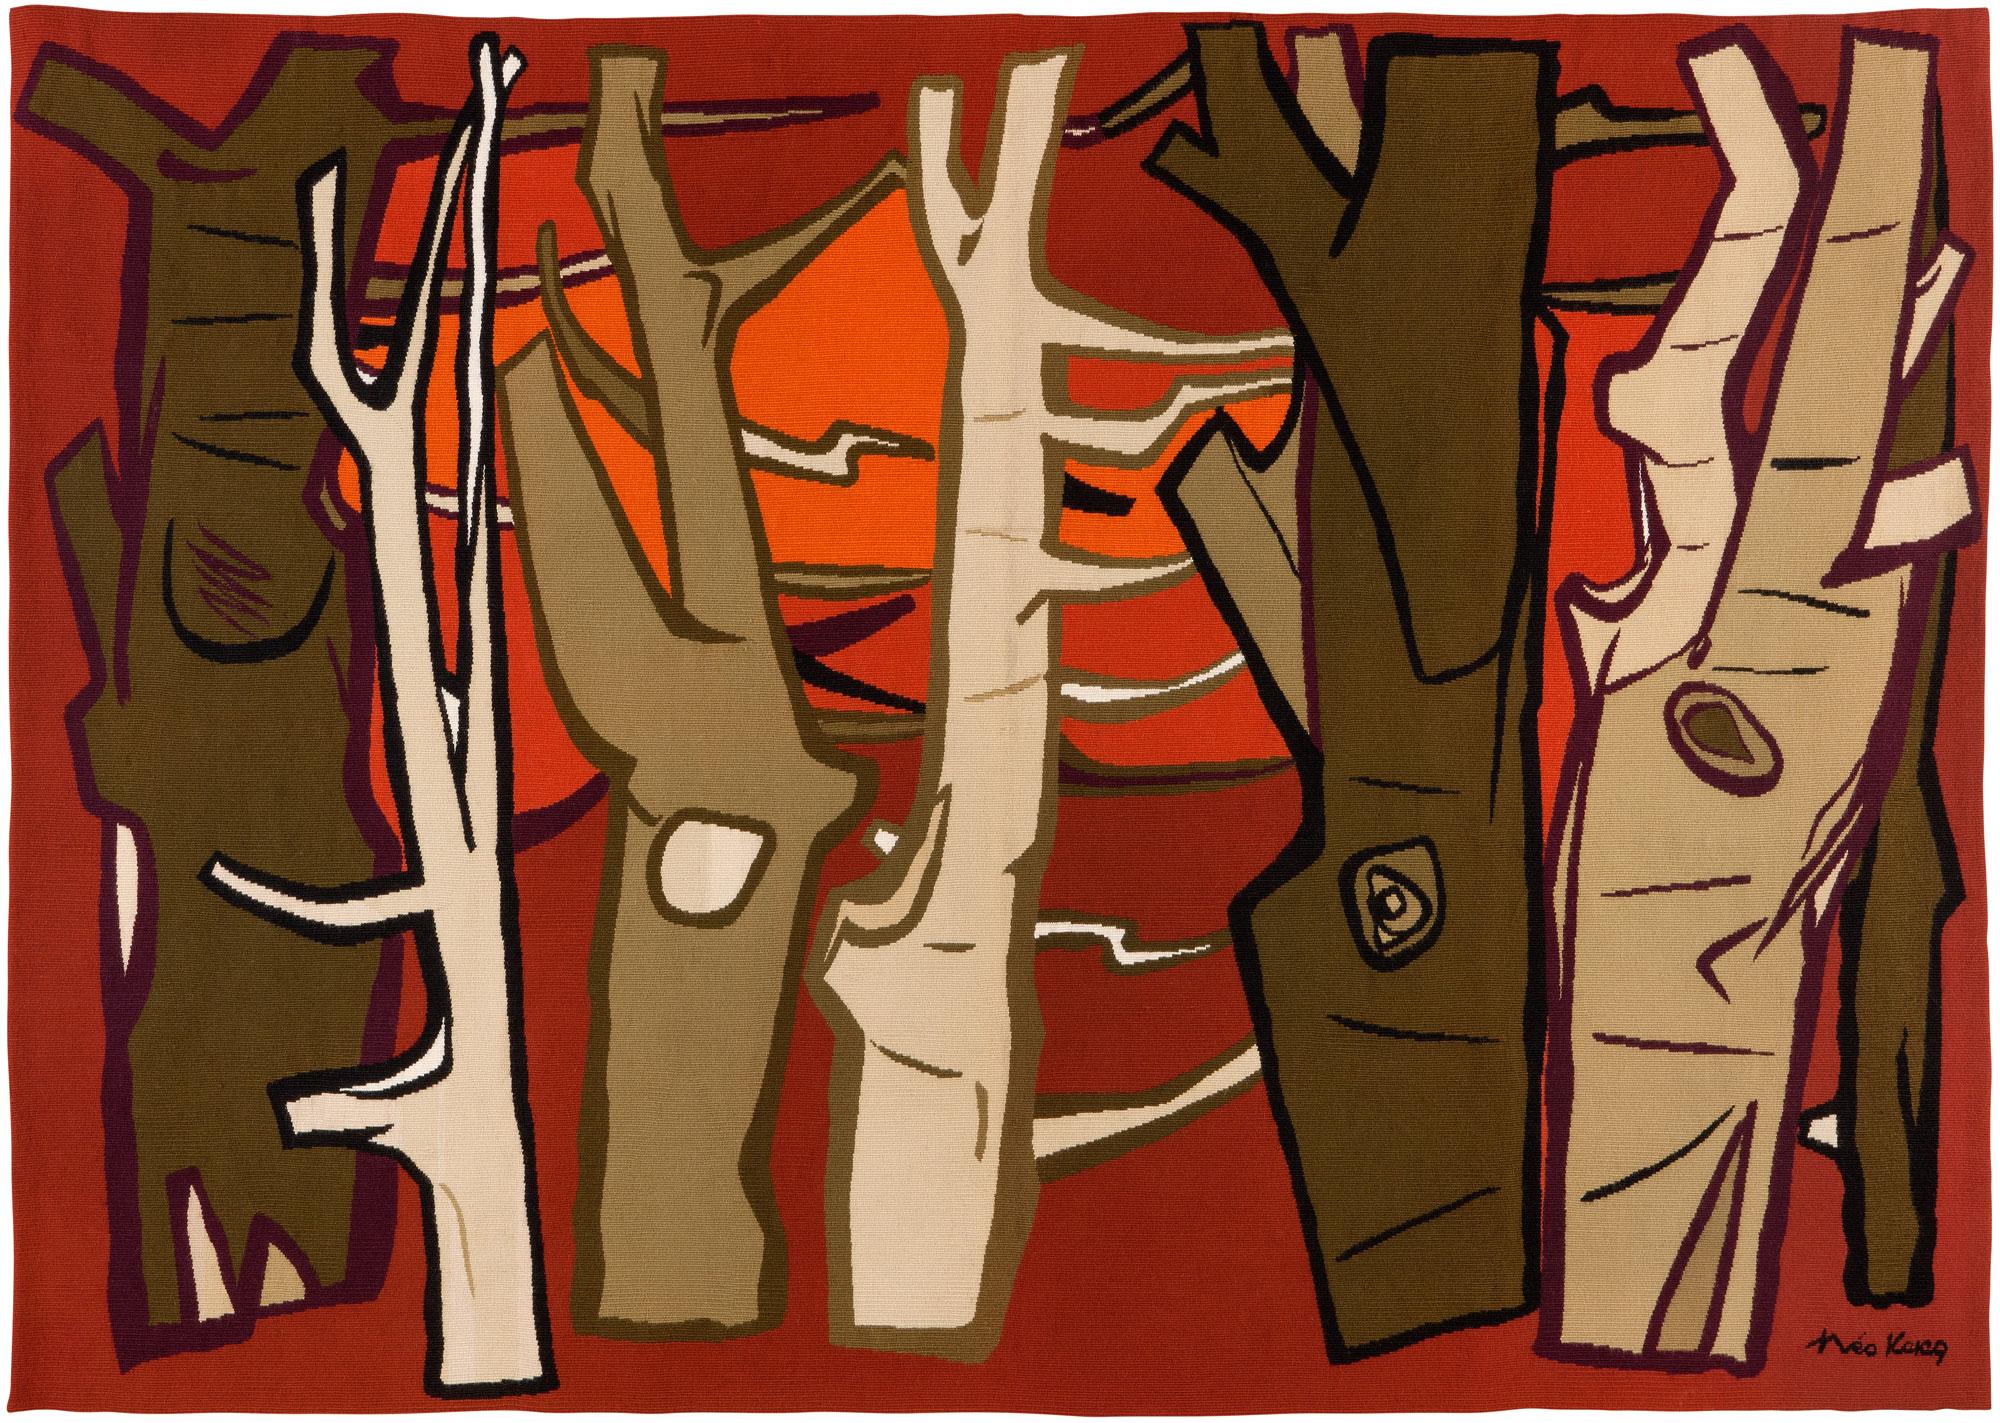 1955 La Forêt, tapisserie, 212 x 147 cm, carton Théo Kerg, éditeur Mme. Suzanne-Goubley, Aubusson, collection Abbaye-école de Sorèze-Musée Dom Robert